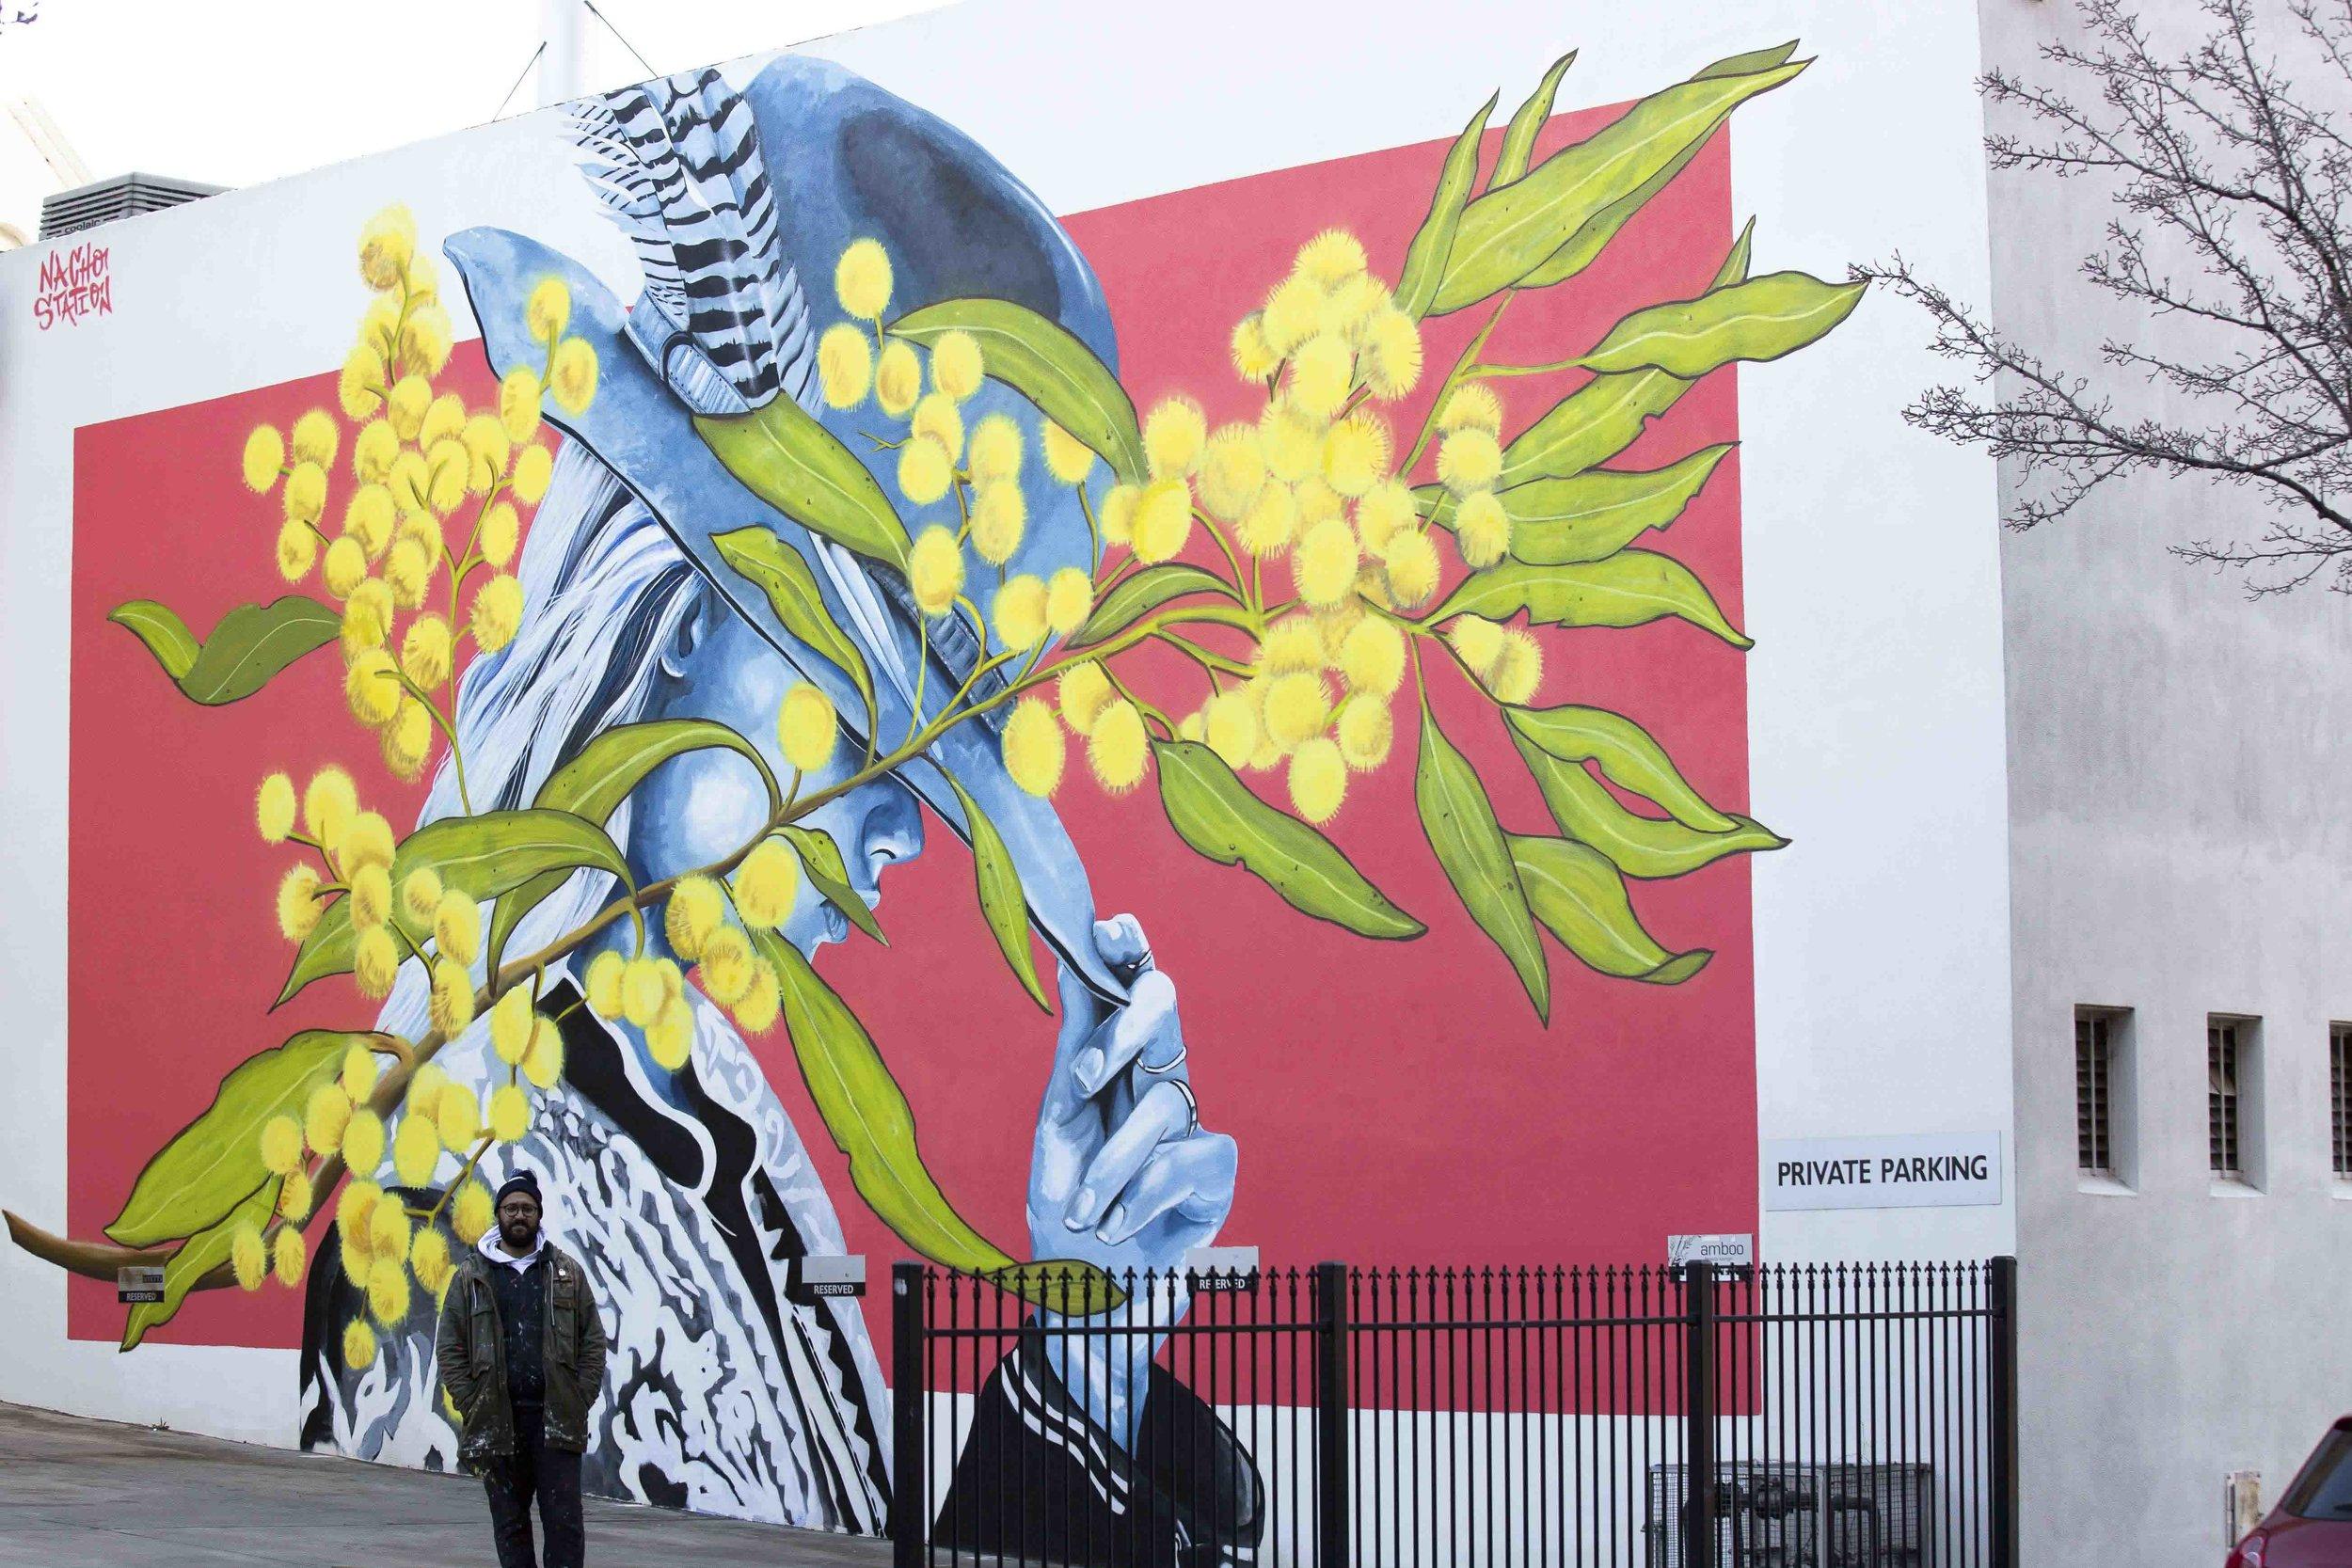 Jack Fran Paints Mural In Bendigo - Day 5-11.jpg